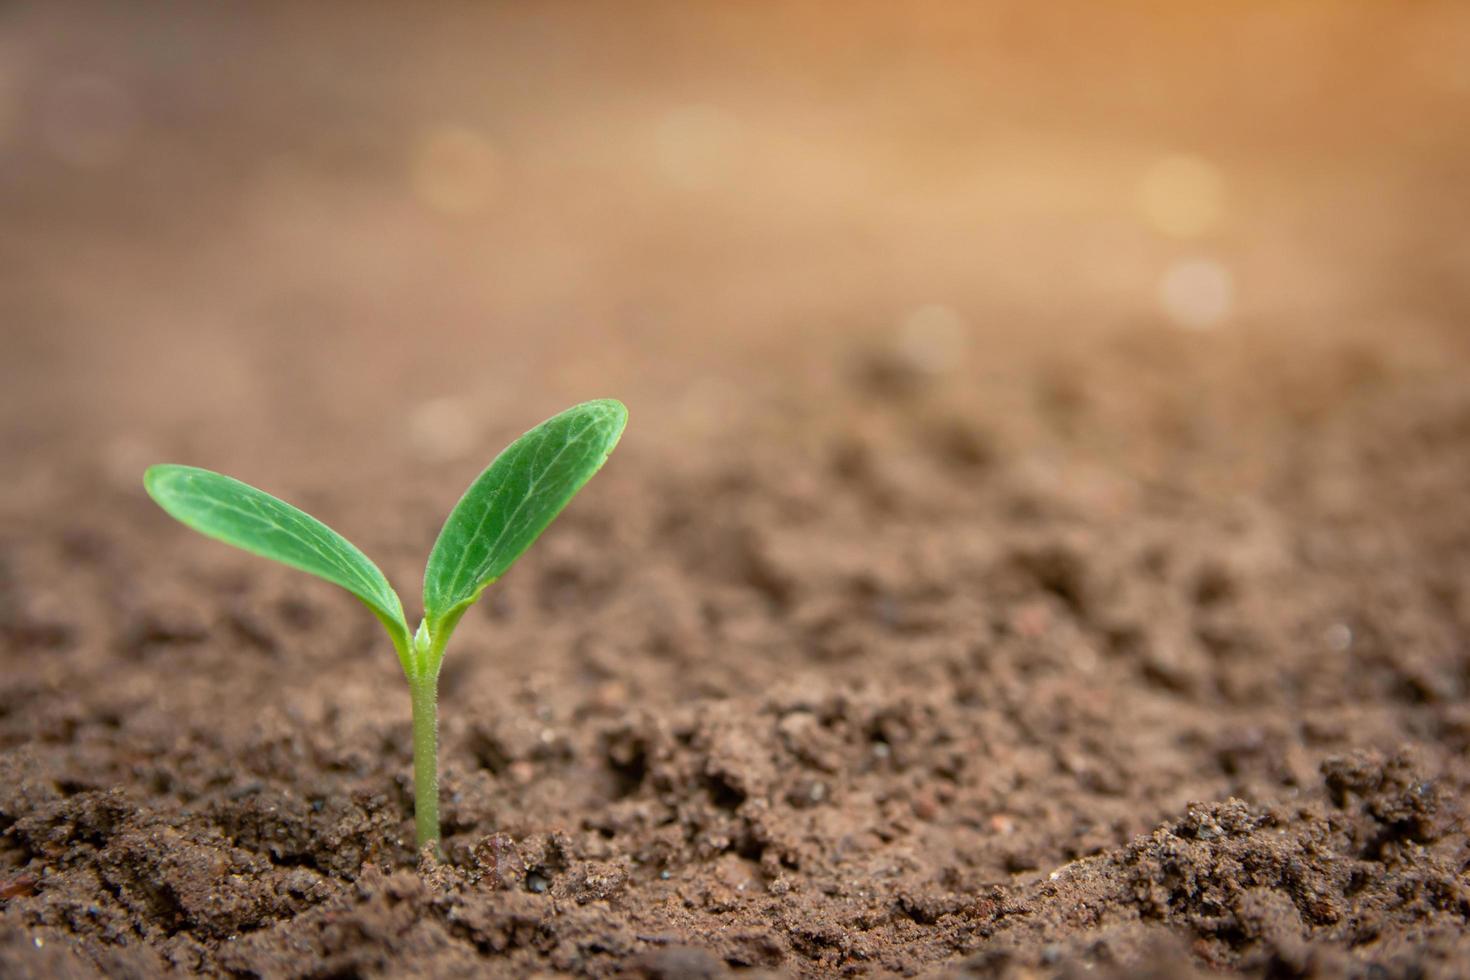 pianta che germoglia dal suolo foto